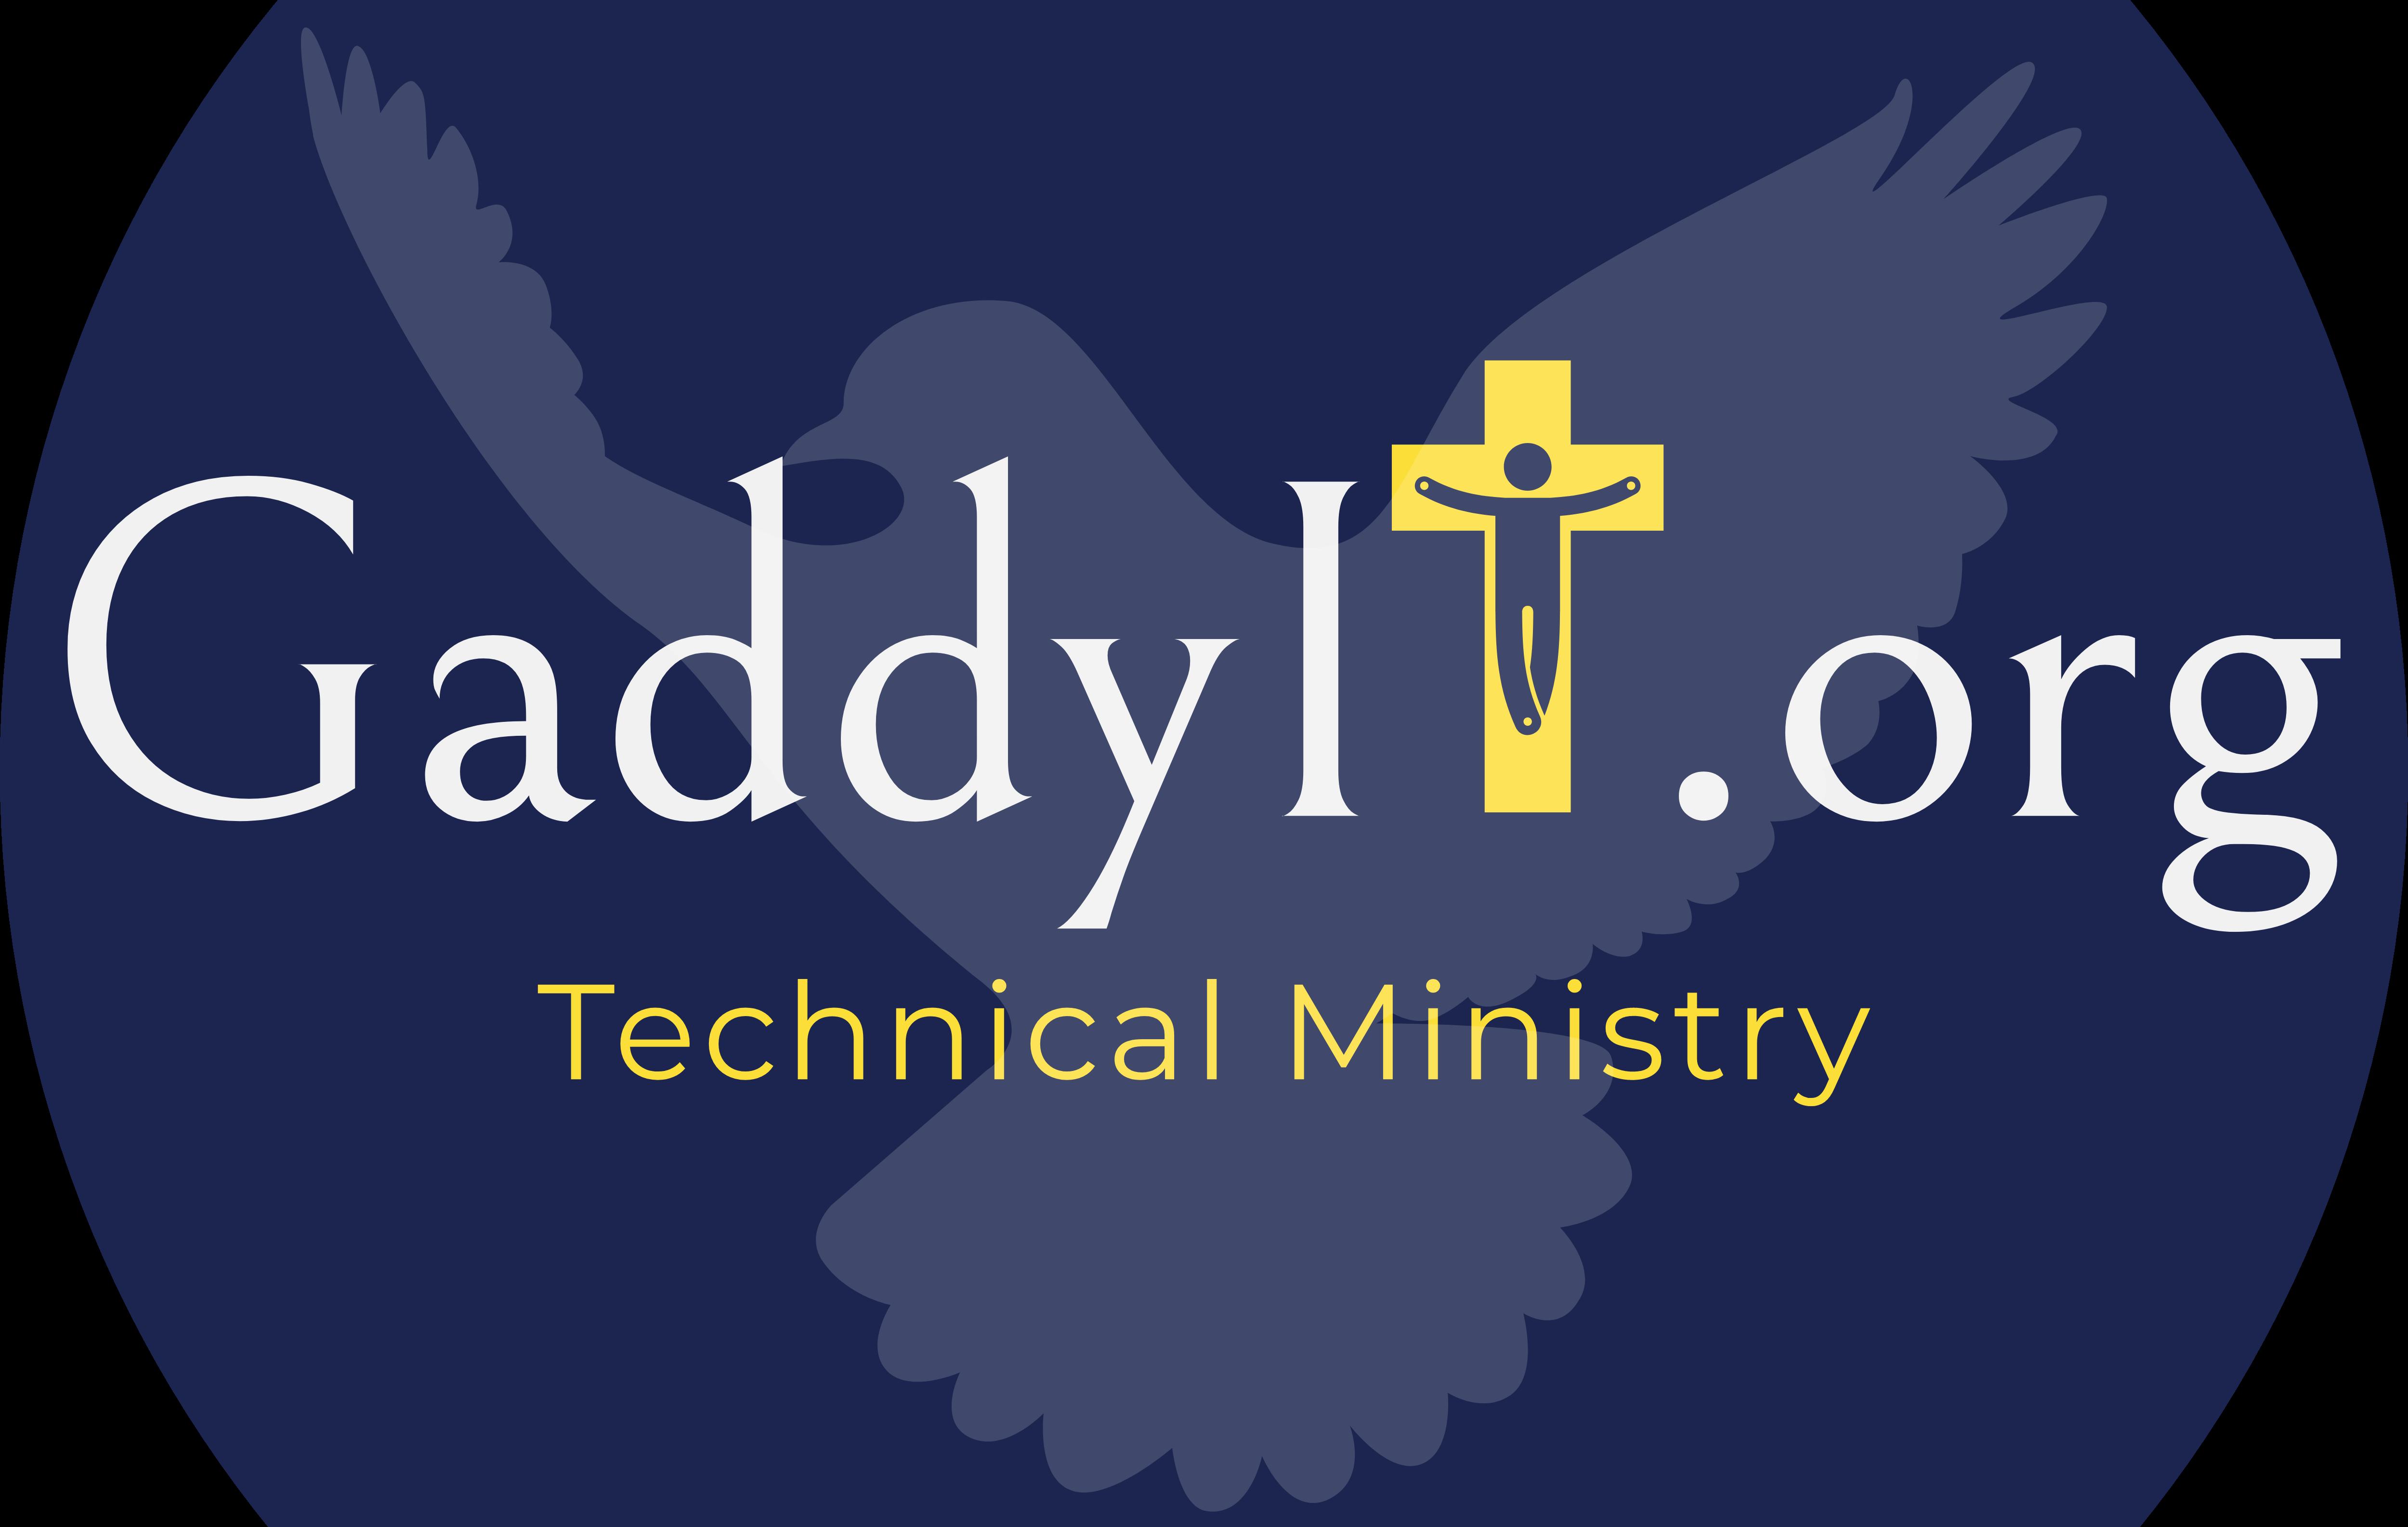 GaddyIT.org